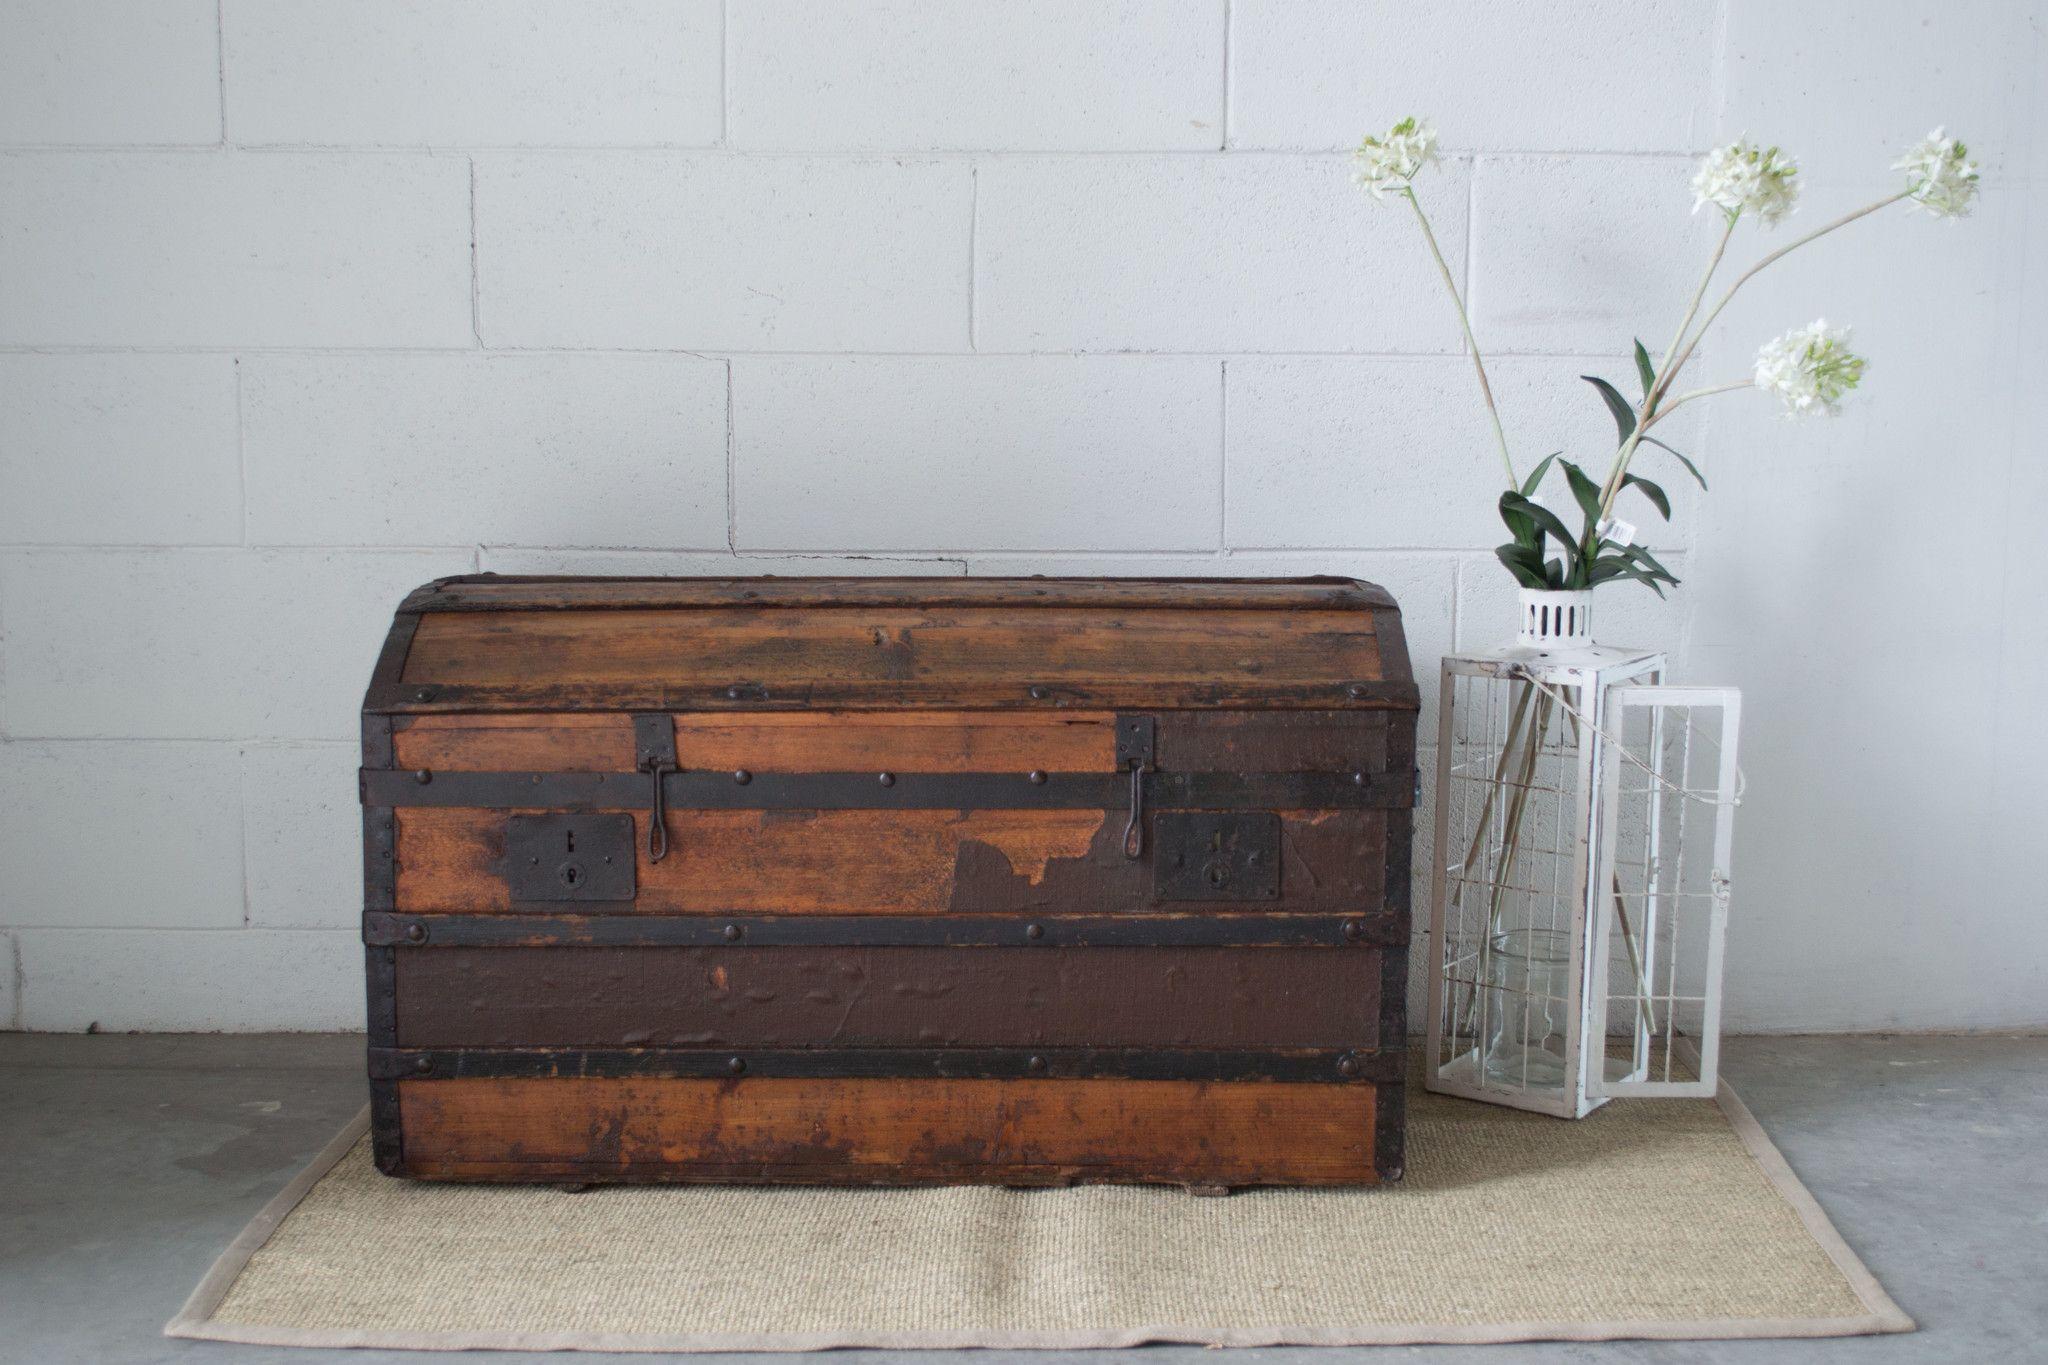 25% Baule in legno primi \'900 - Arredamento - Erashop Market Place